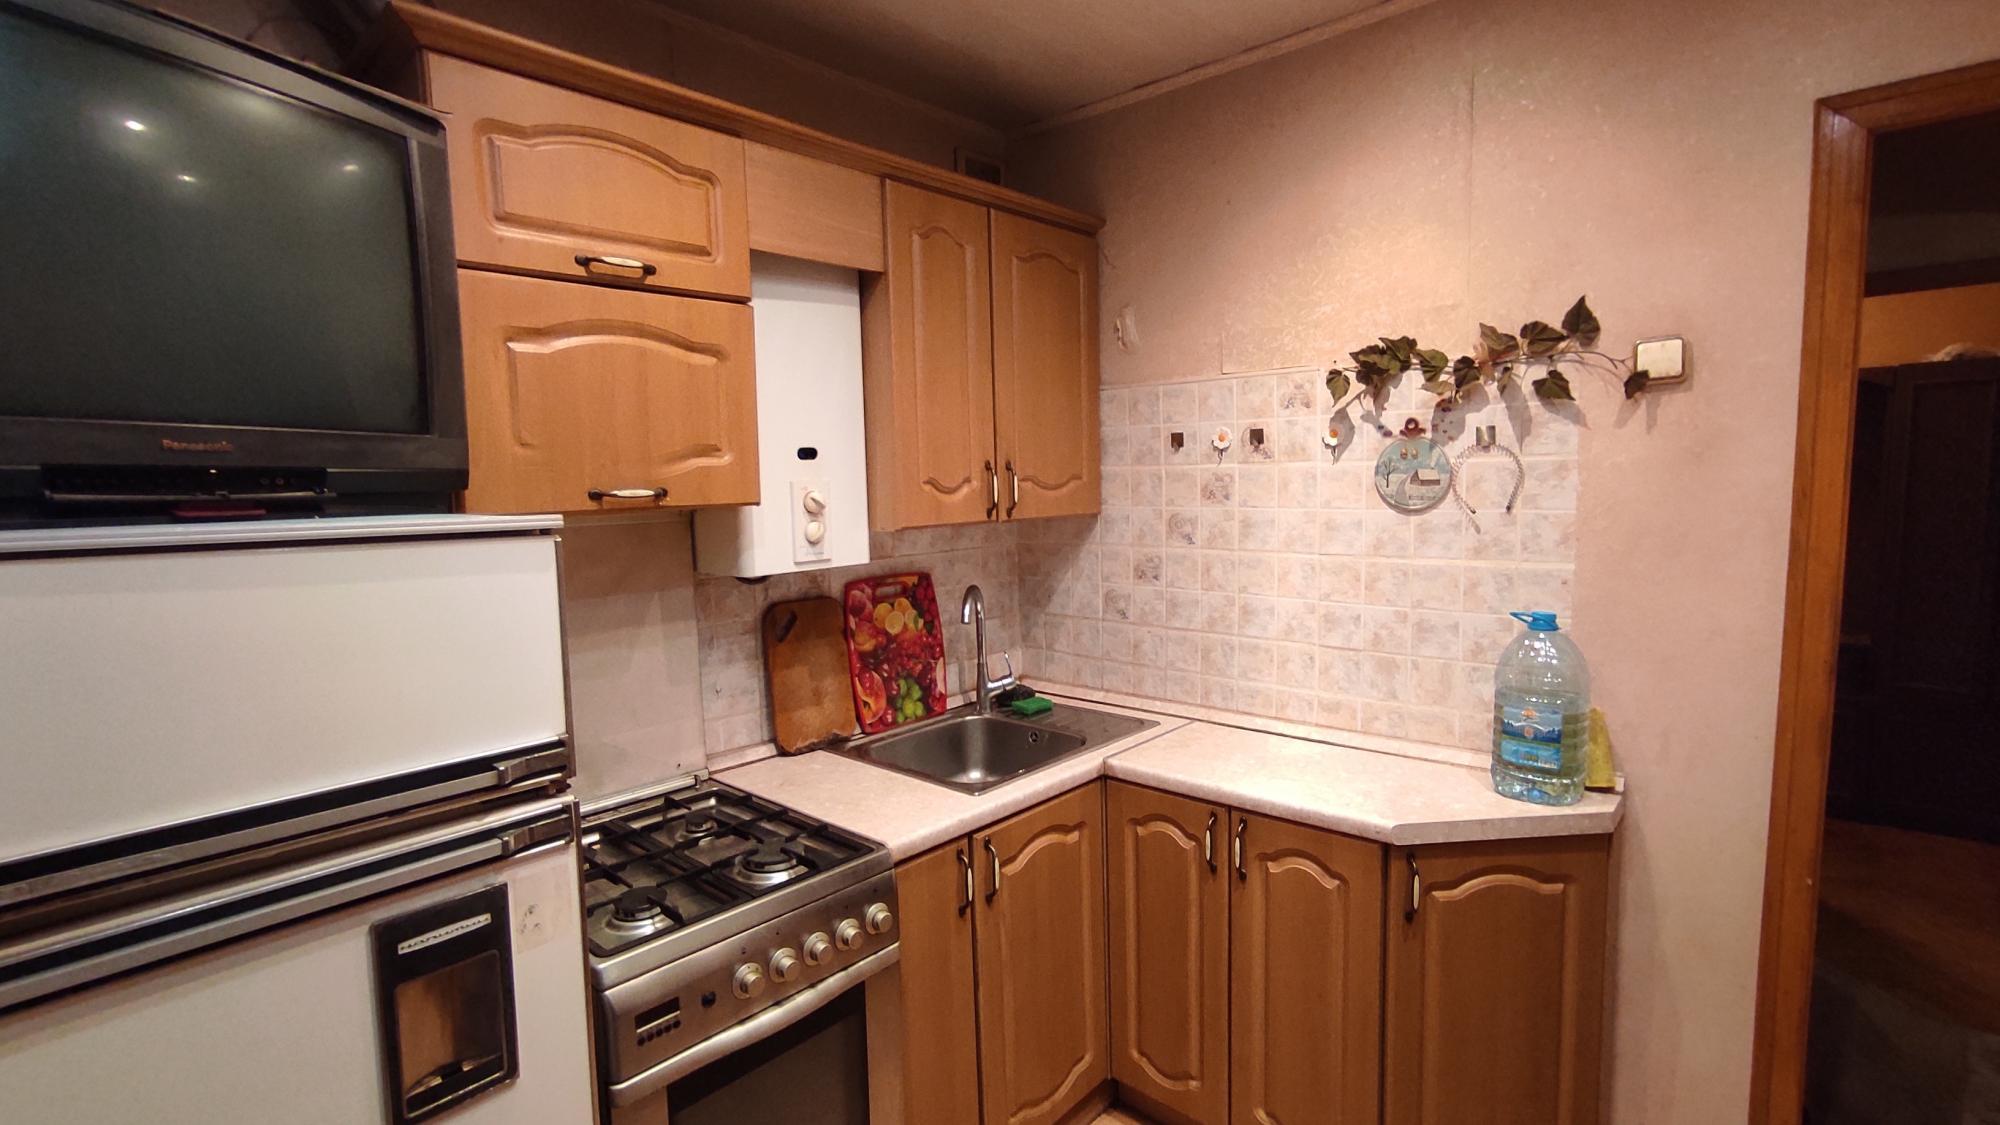 Квартира, 2 комнаты, 43.5 м² в Люберцах 89859757413 купить 7